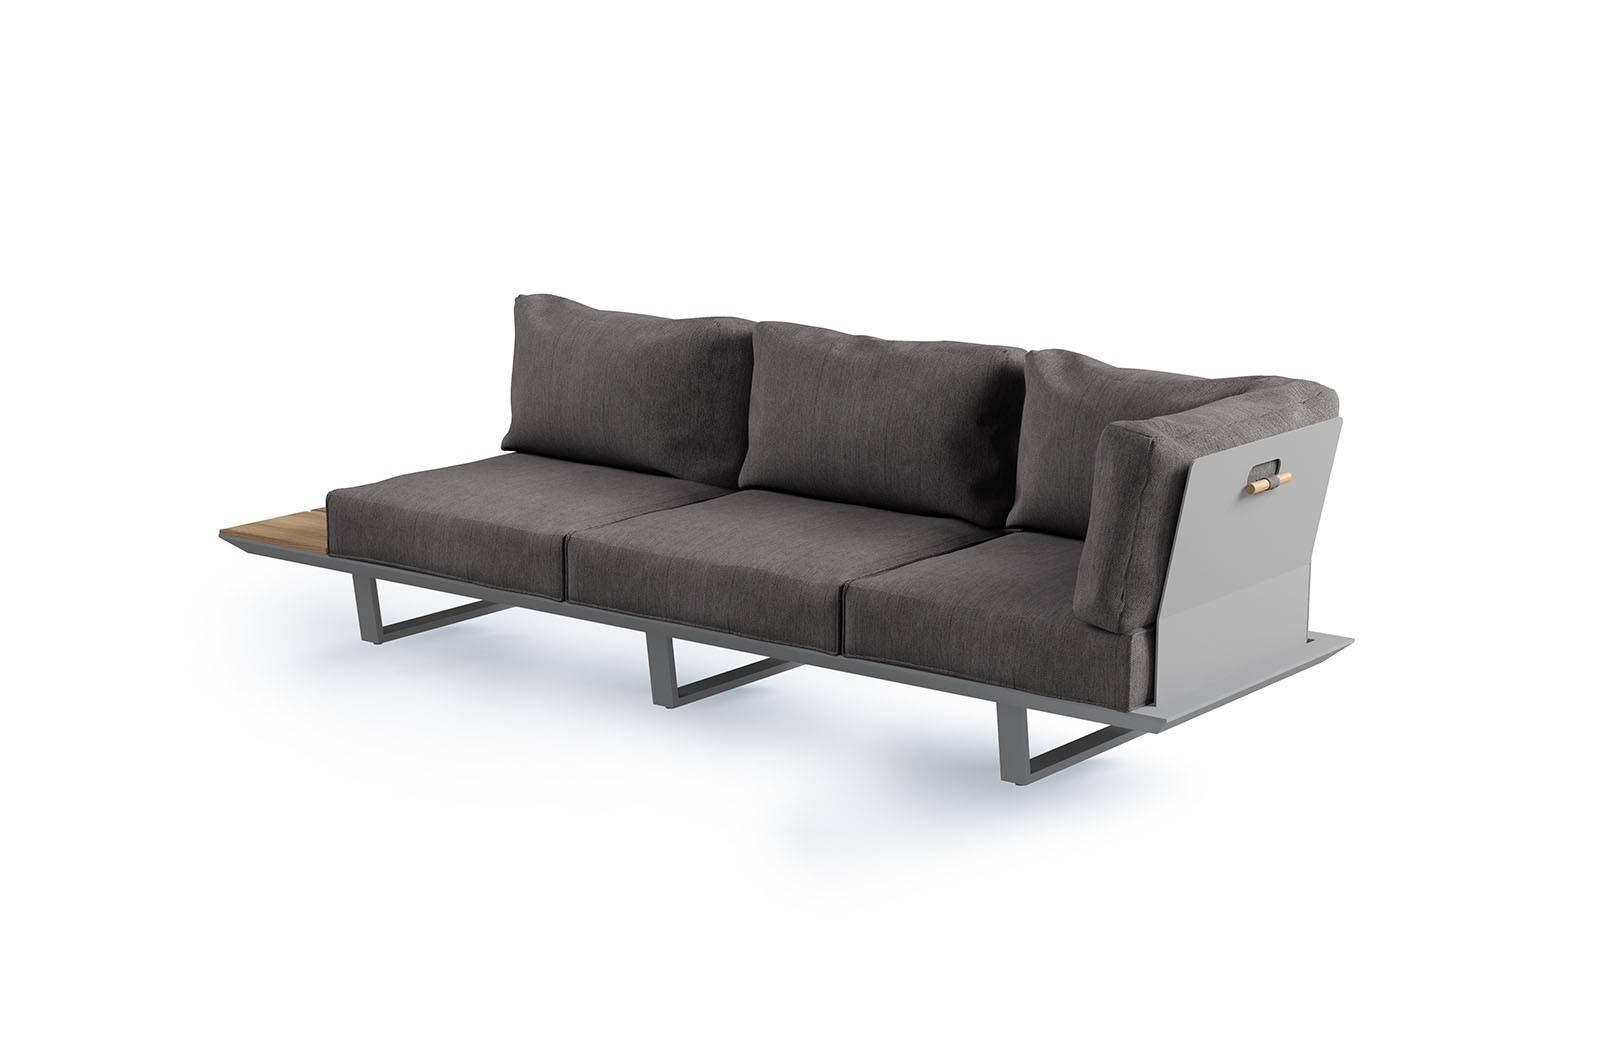 Záhradna hliníková súprava CORIA II grey